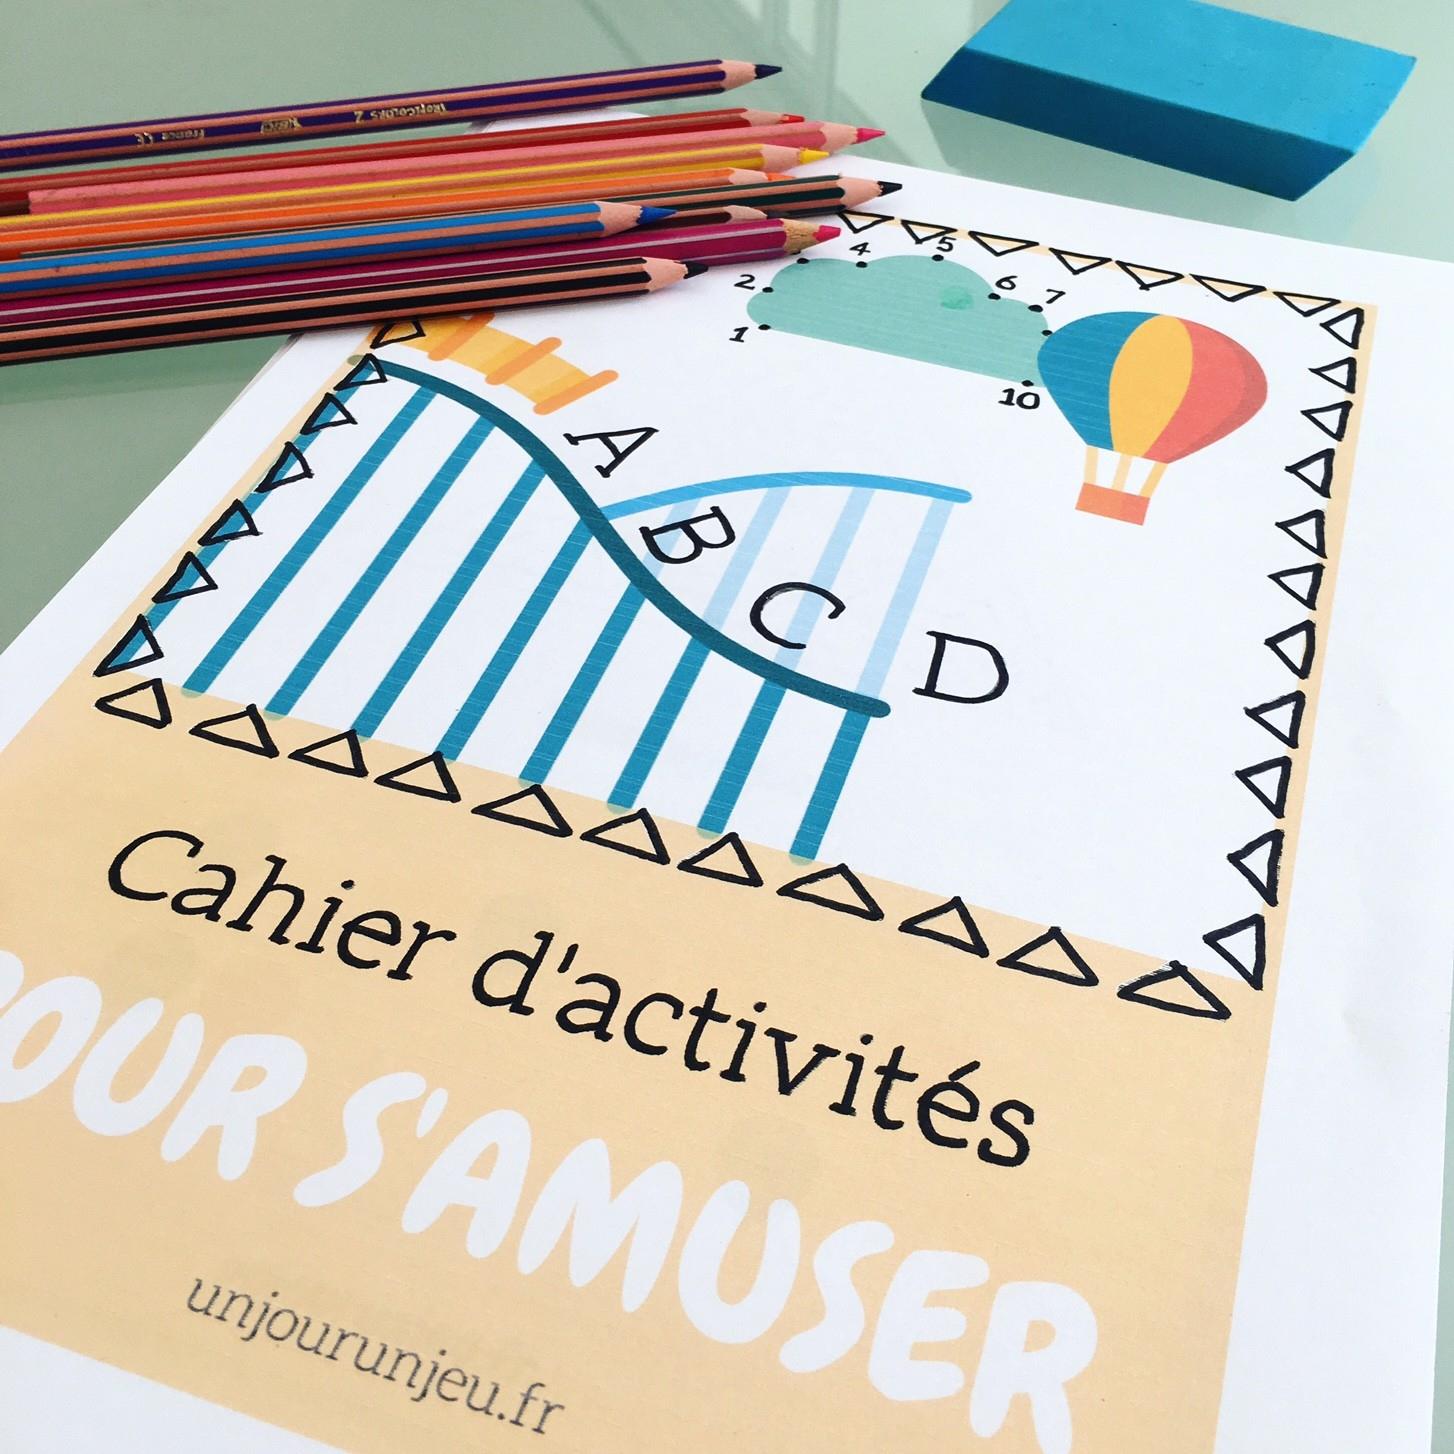 Cahier D'activités Enfants Pour Les Vacances À Imprimer tout Cahier De Vacances Maternelle À Imprimer